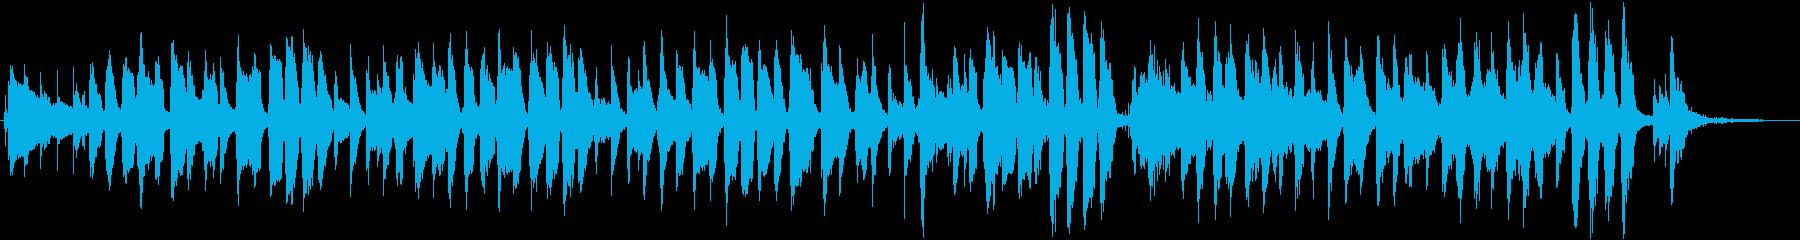 たまねぎをテーマにした楽曲の再生済みの波形